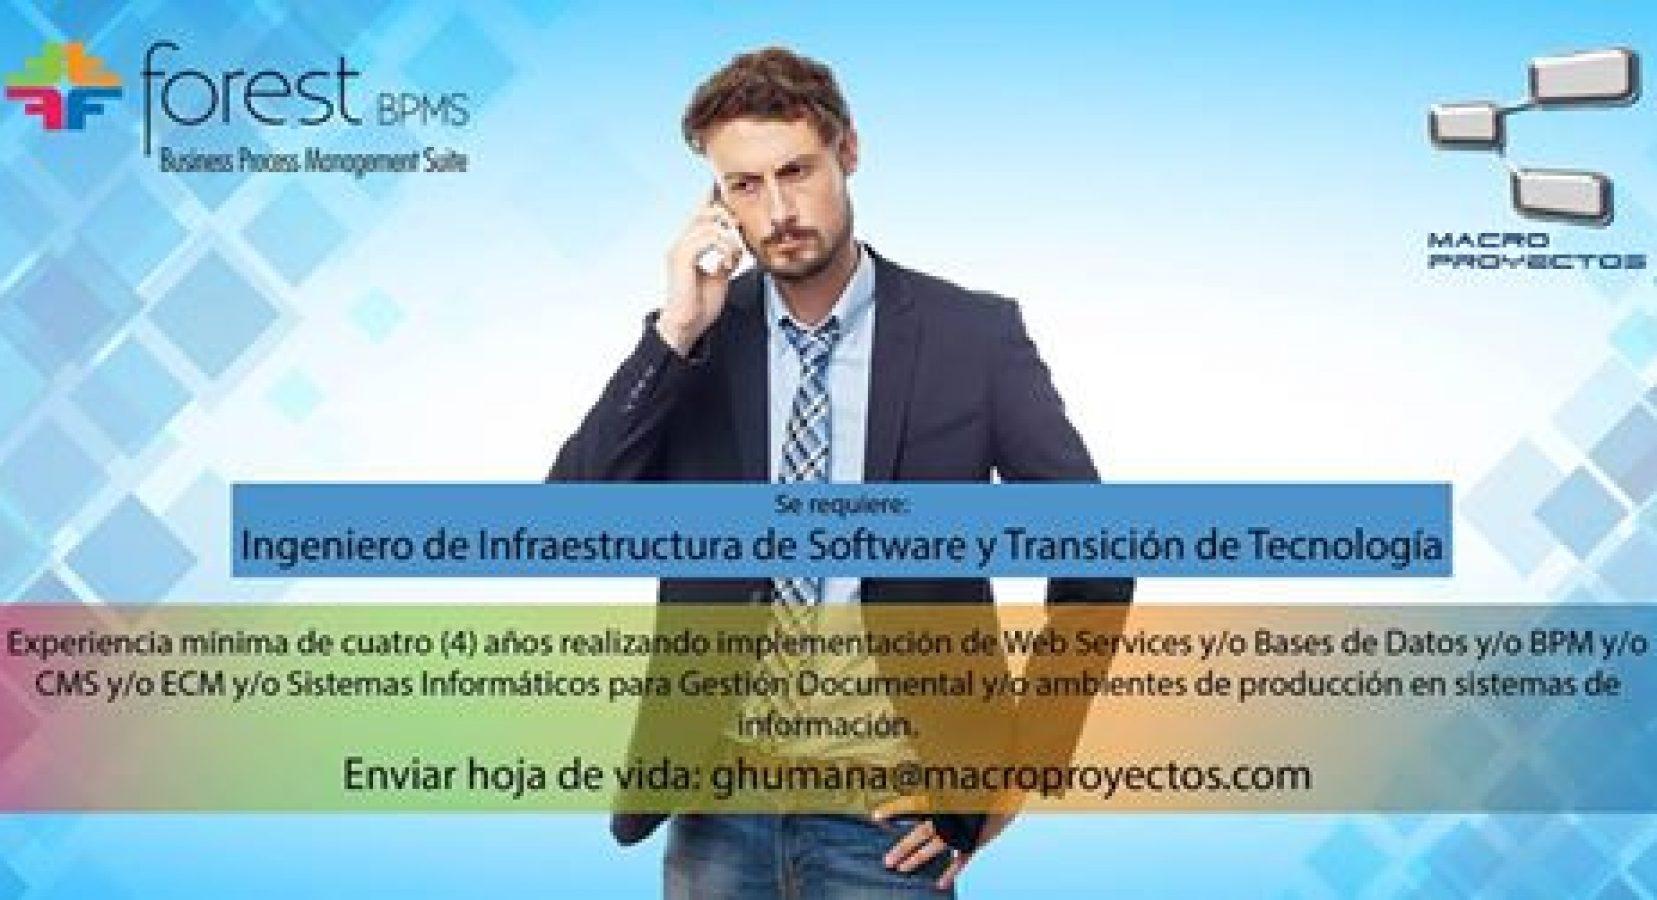 INGENIEROS DE INFRAESTRUCTURA DE SOFTWARE Y TRANSICION